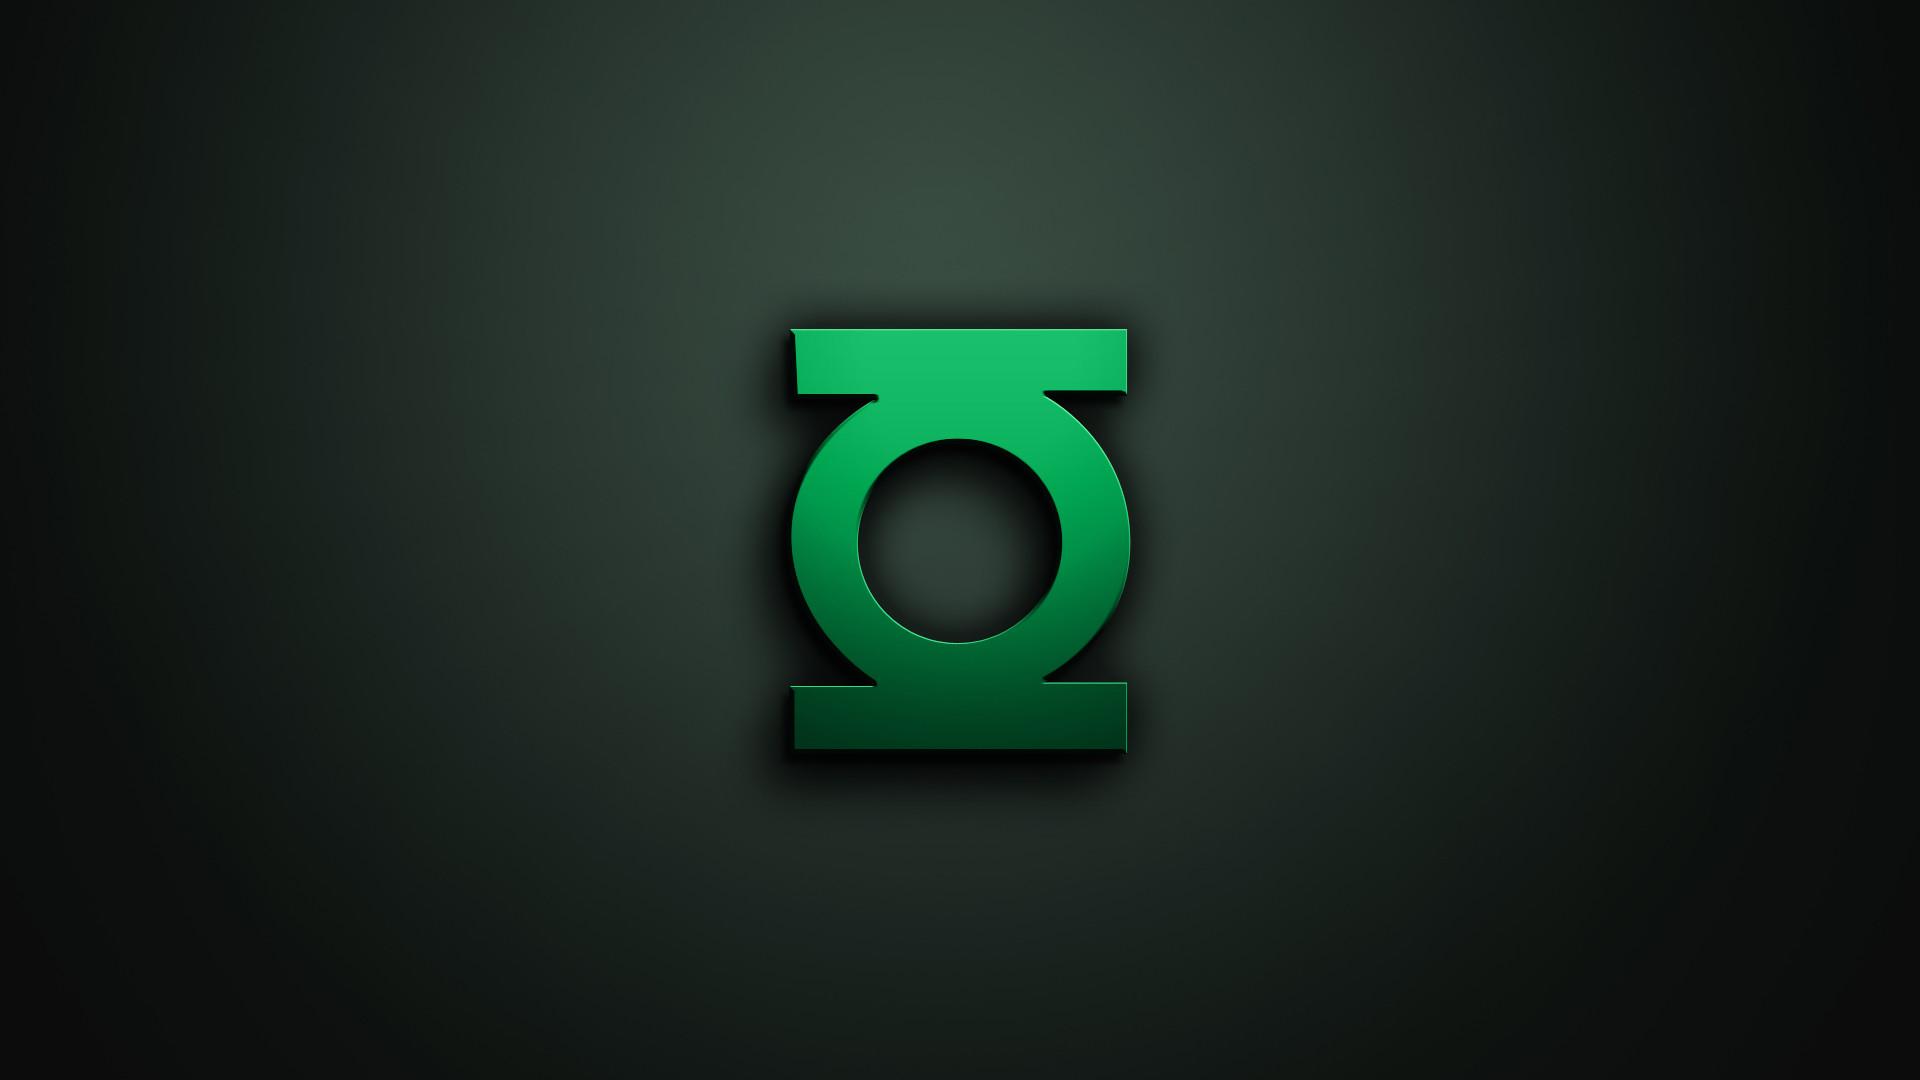 Green Lantern Live Wallpaper